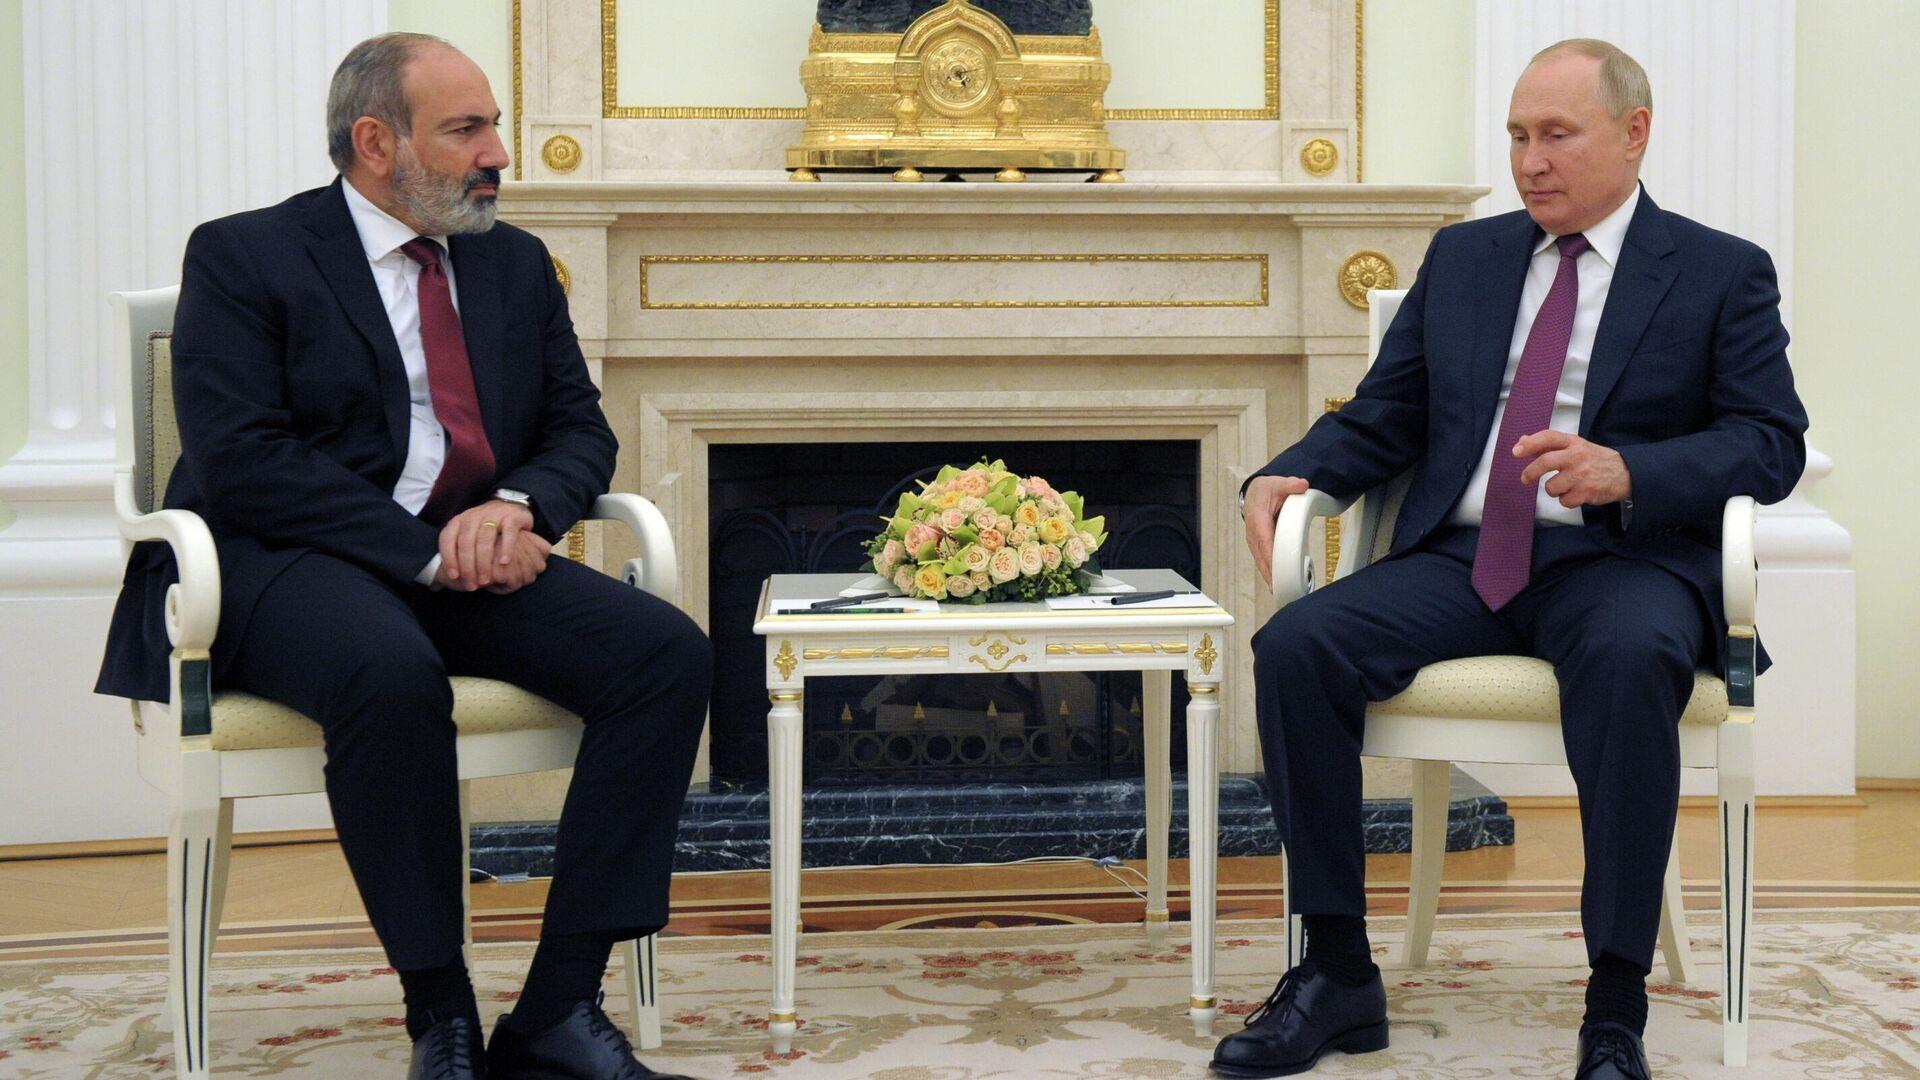 Встреча президента РФ В. Путина с премьер-министром Армении Н. Пашиняном - Sputnik Грузия, 1920, 13.10.2021